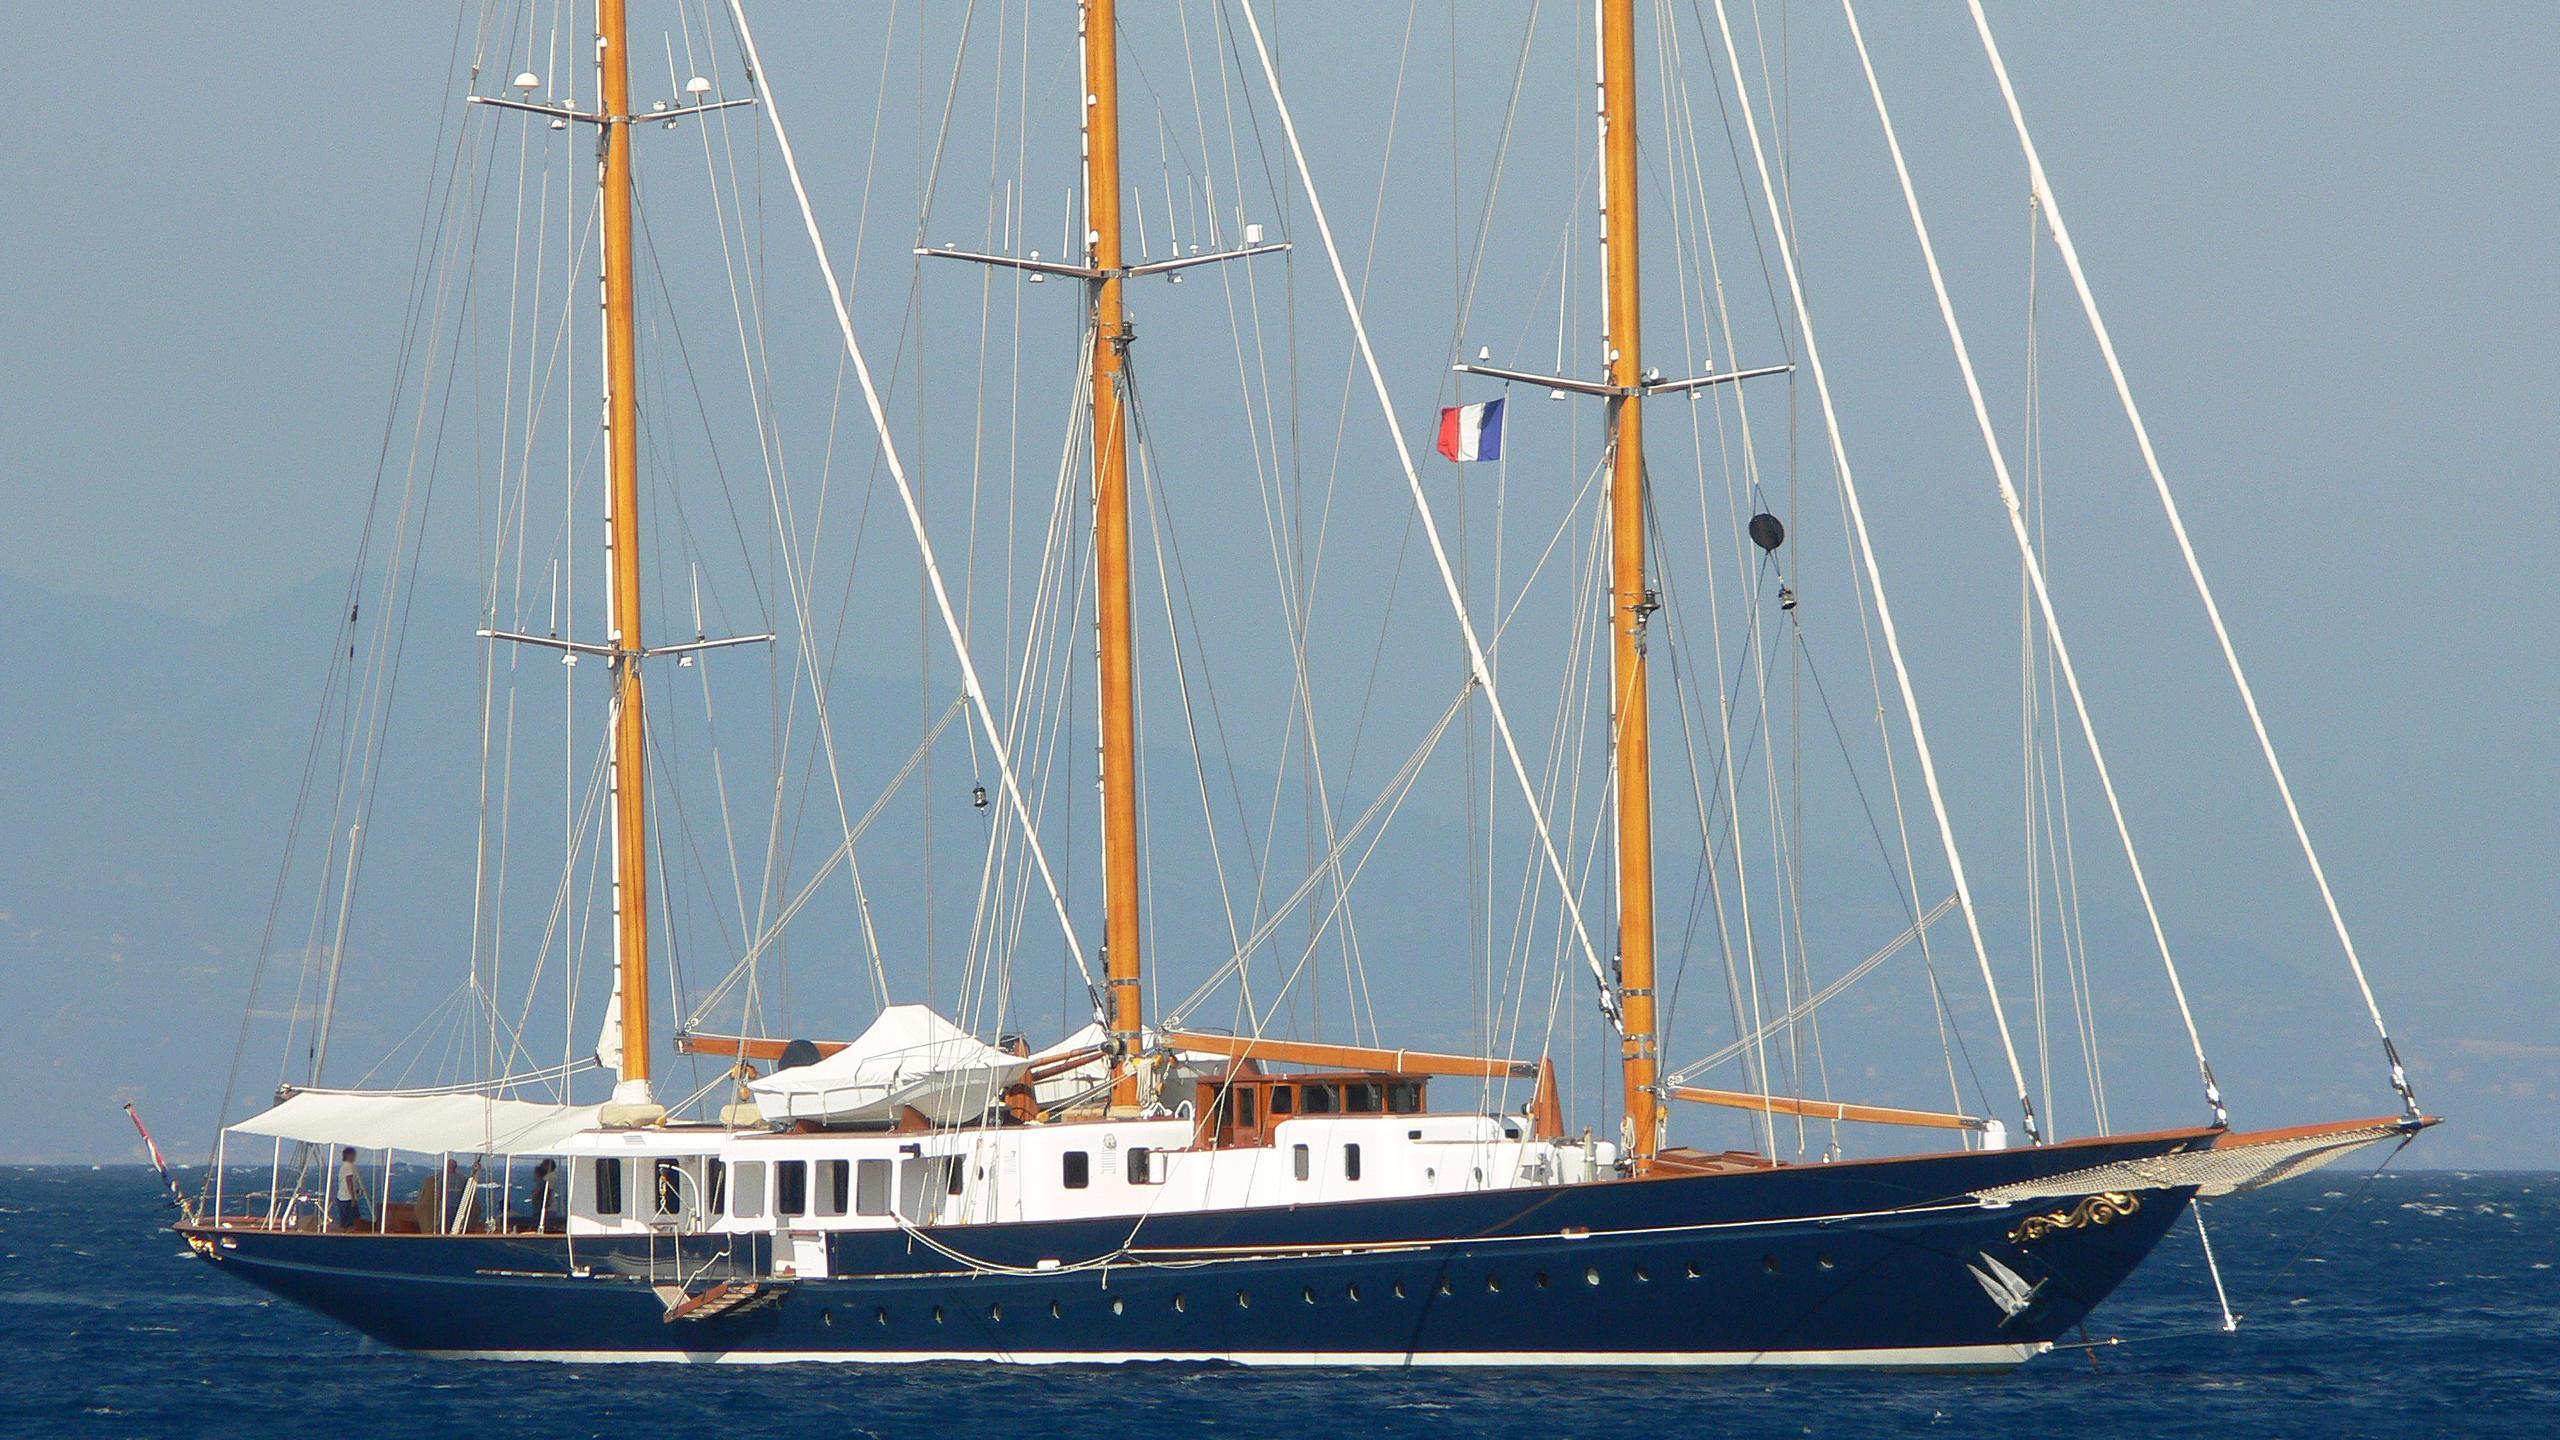 fleurtje-sailing-yacht-de-vries-lentsch-1960-57m-profile